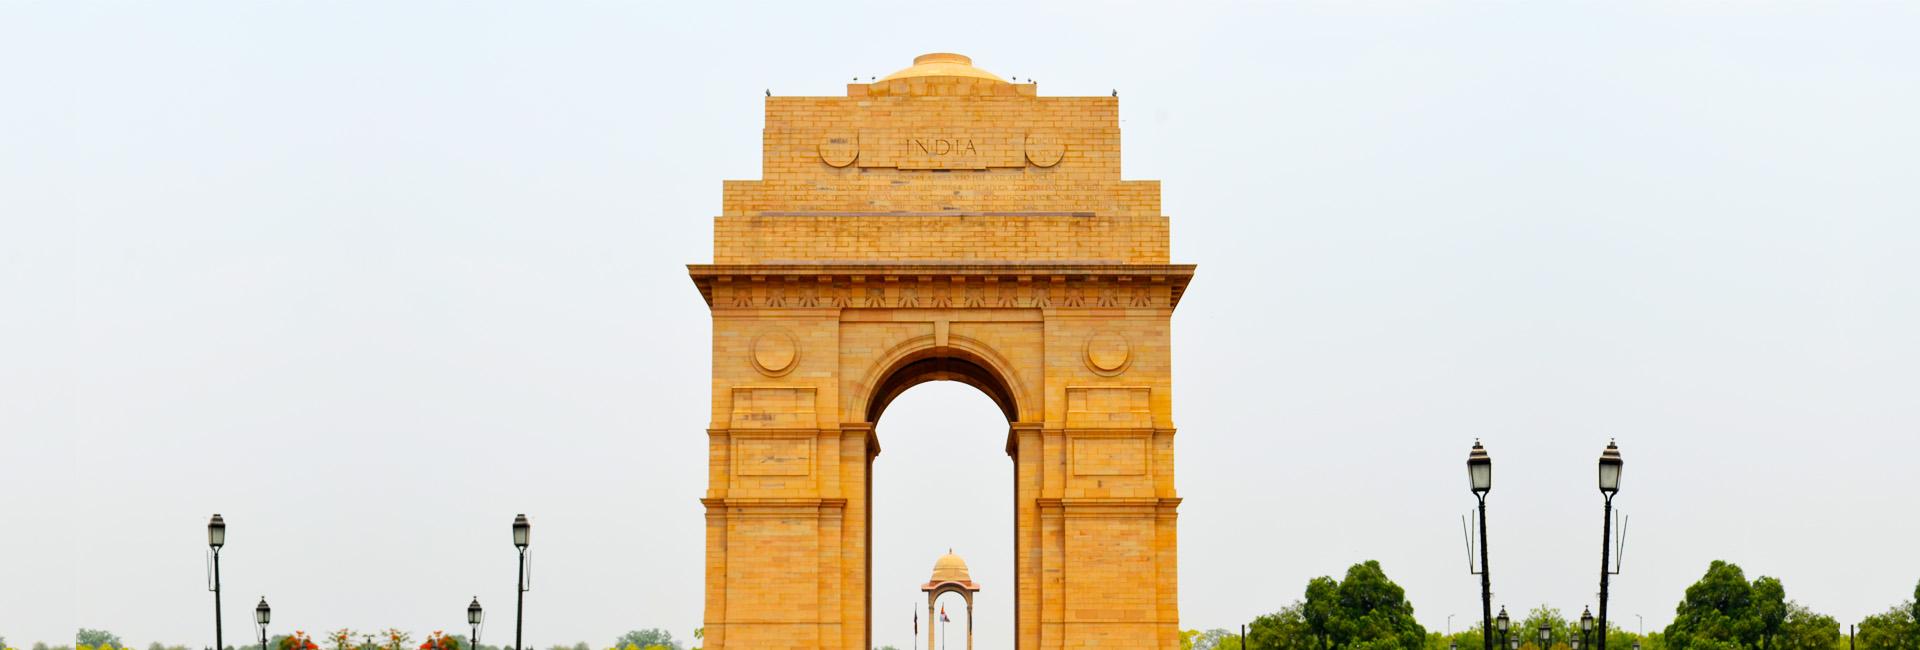 New Delhi Banner